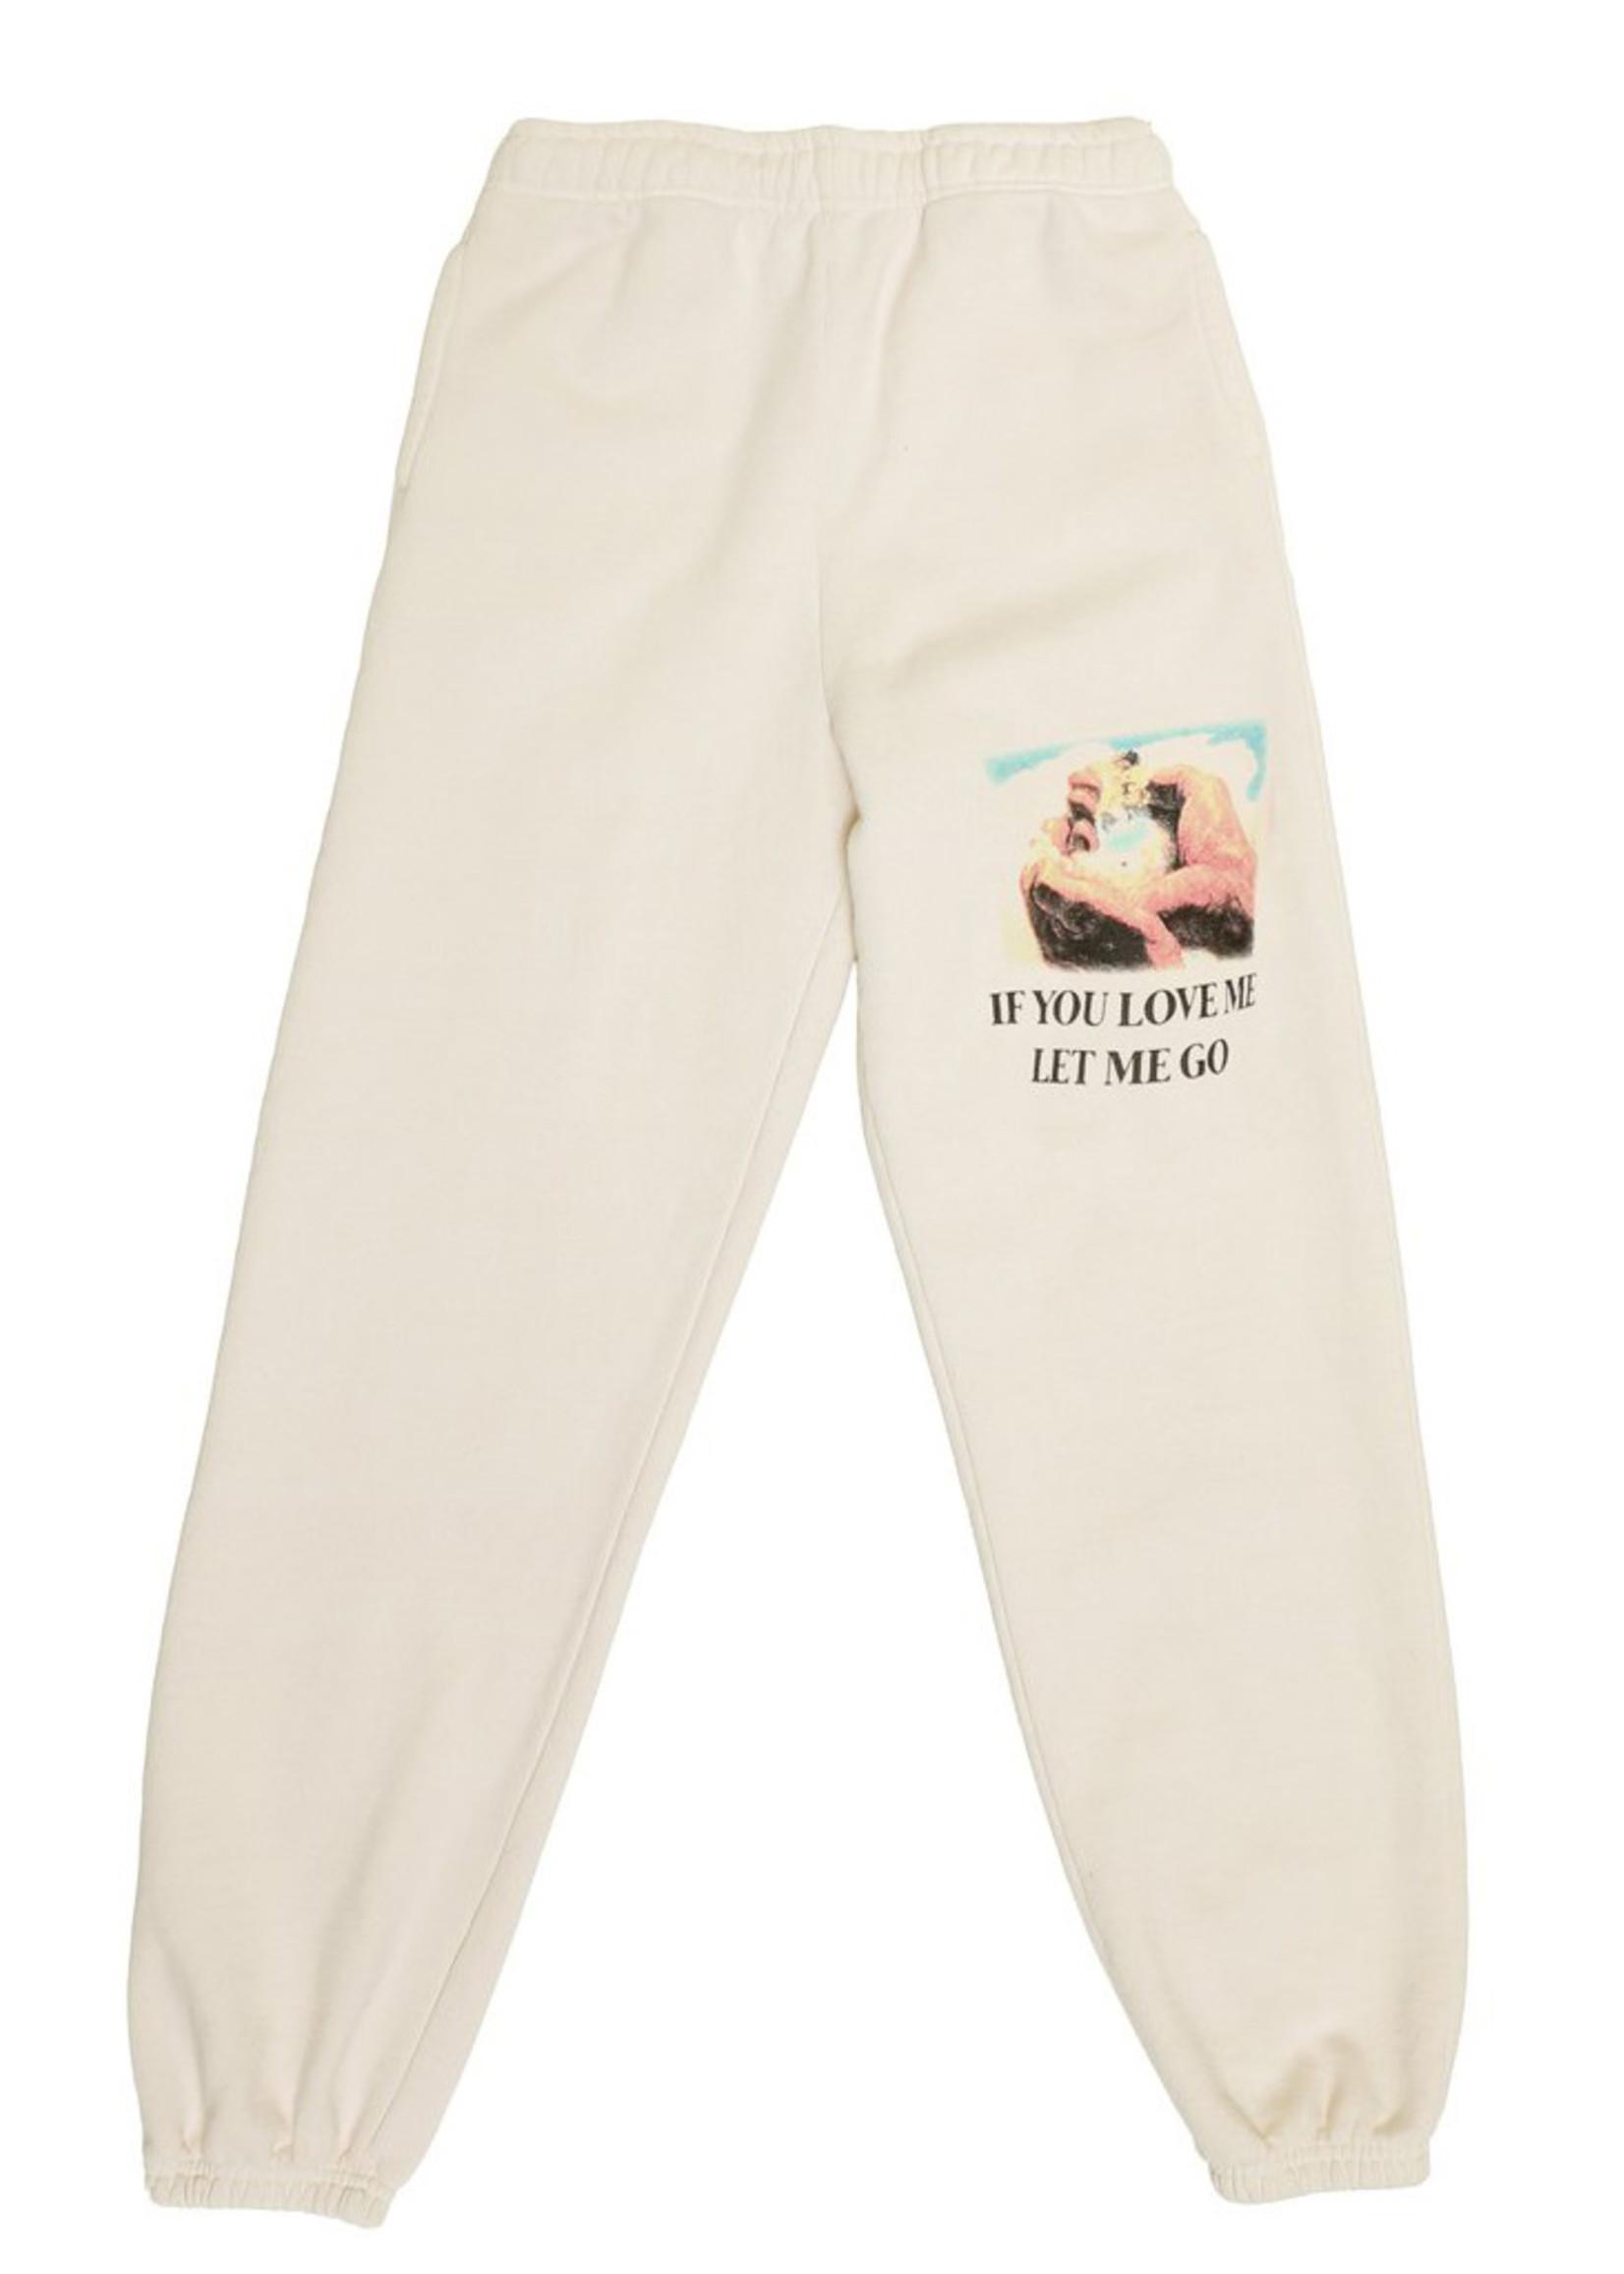 BOYS LIE BOYS LIE / Let Me Go Sweatpants